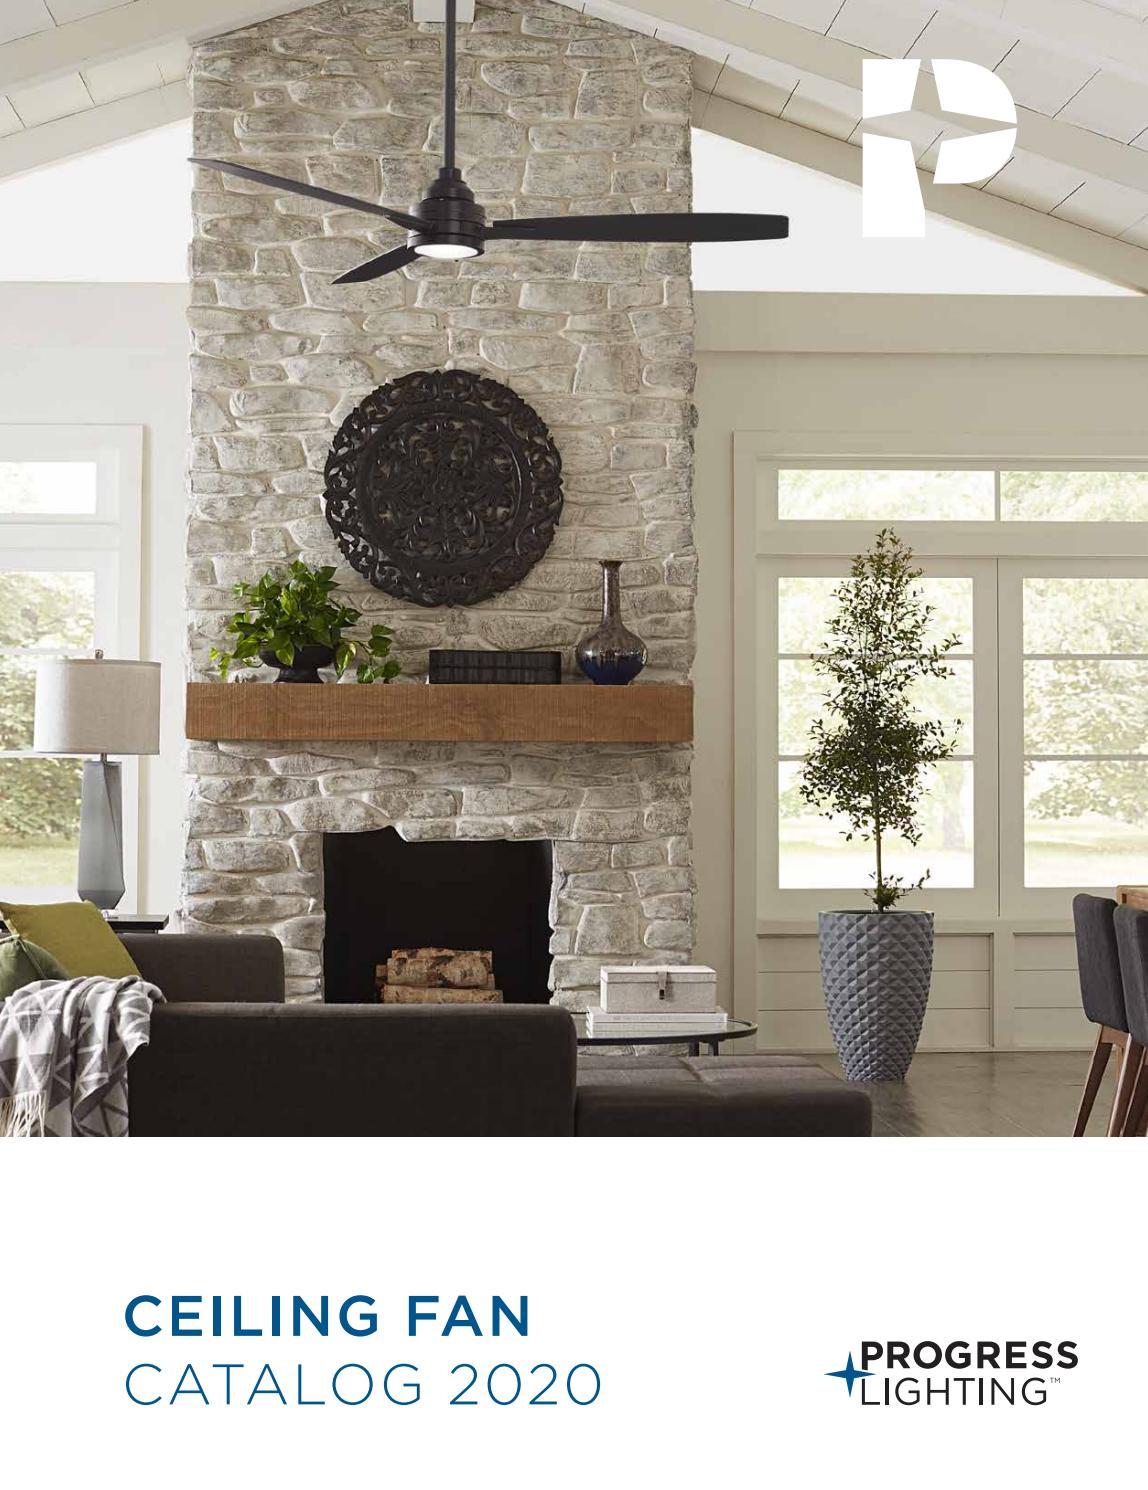 progress lighting 2020 ceiling fan